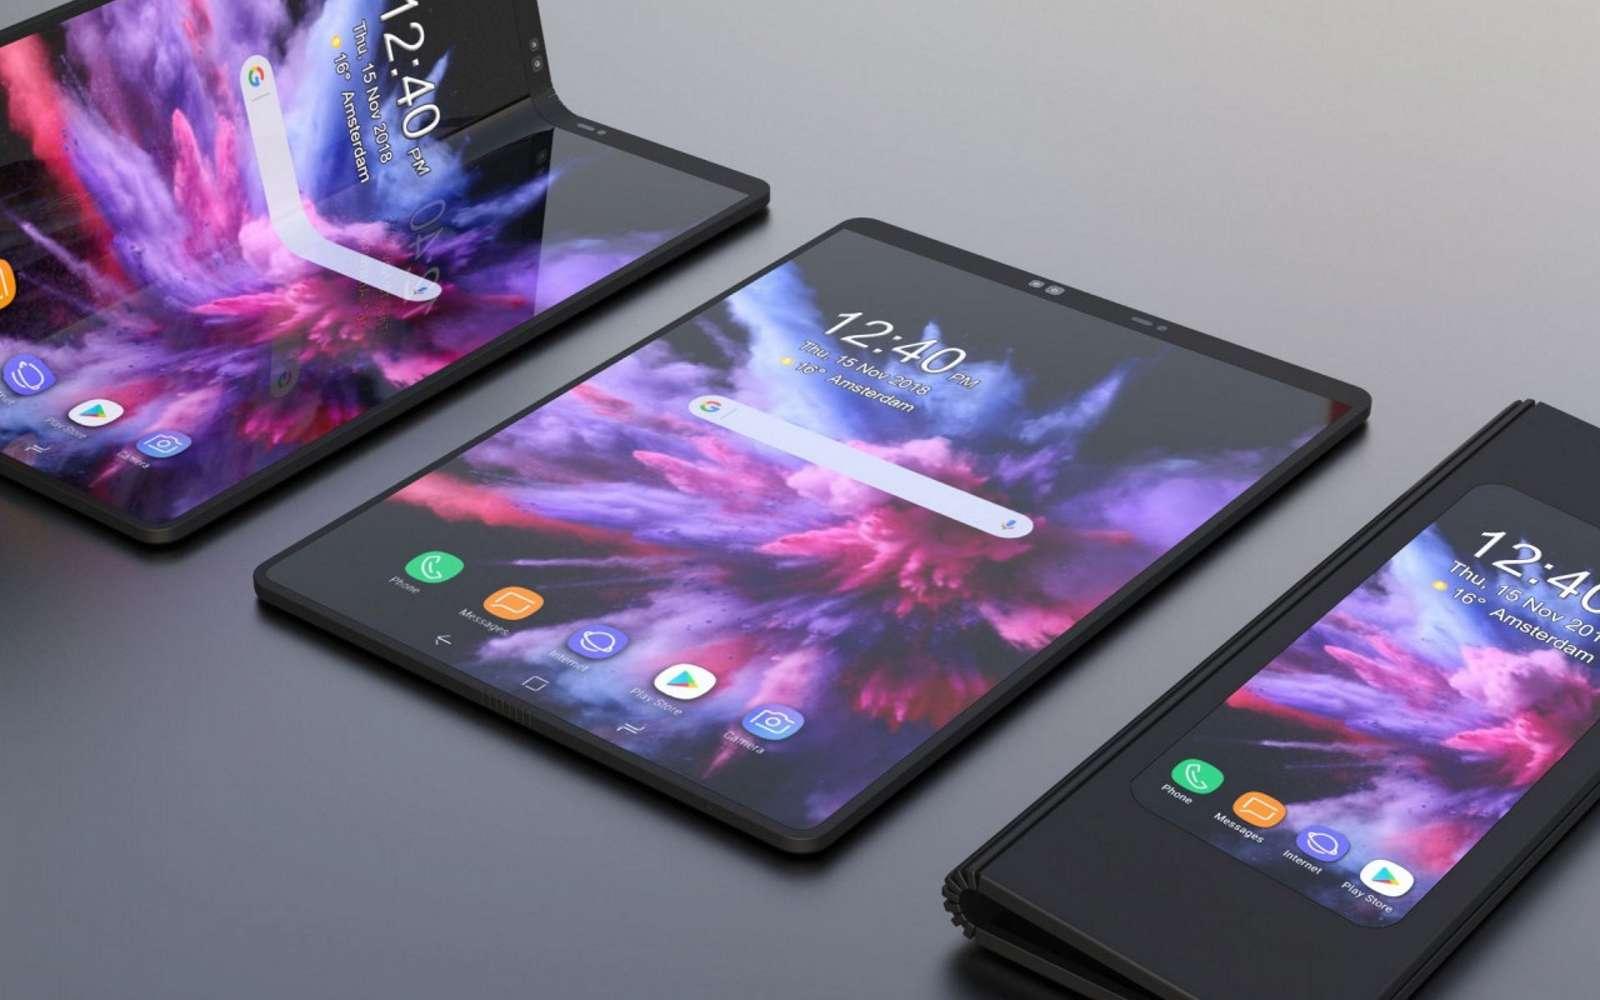 Avant de lancer un Pixel pliable, Google pourrait bien attendre que les autres constructeurs valident leurs concepts auprès du public. © Samsung